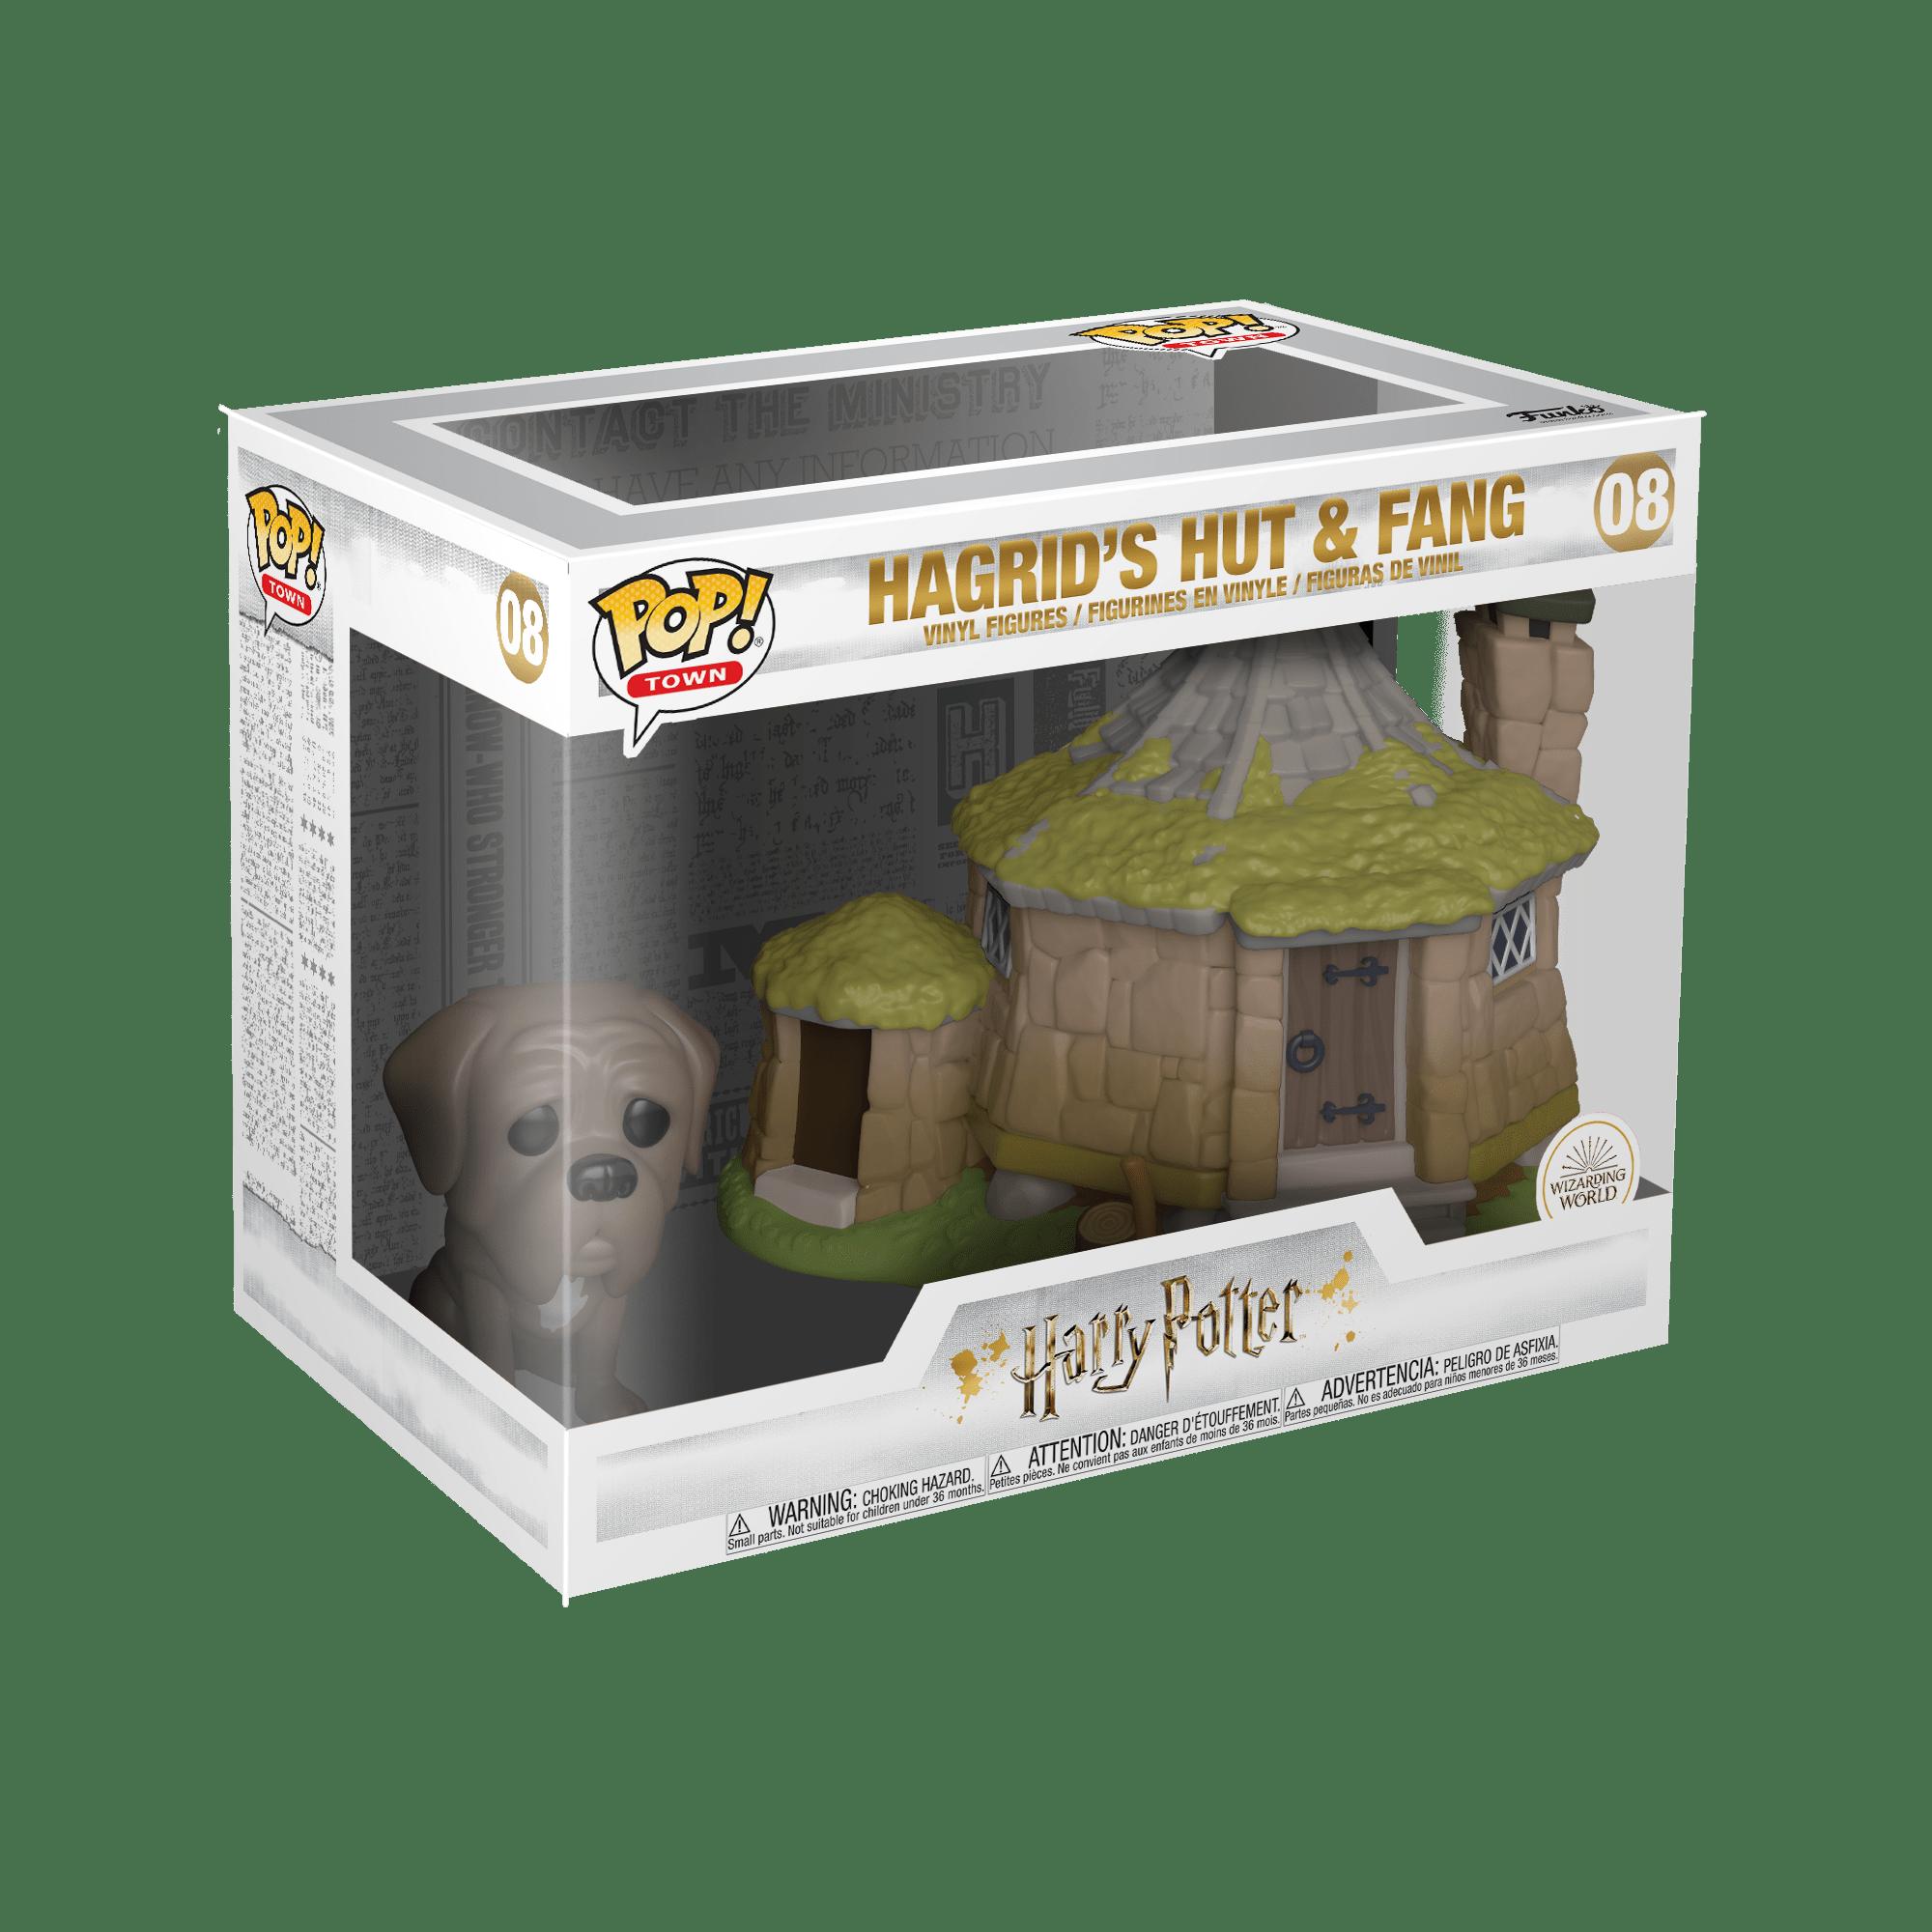 Pop! Harry Potter: Hagrid's Hut & Fang